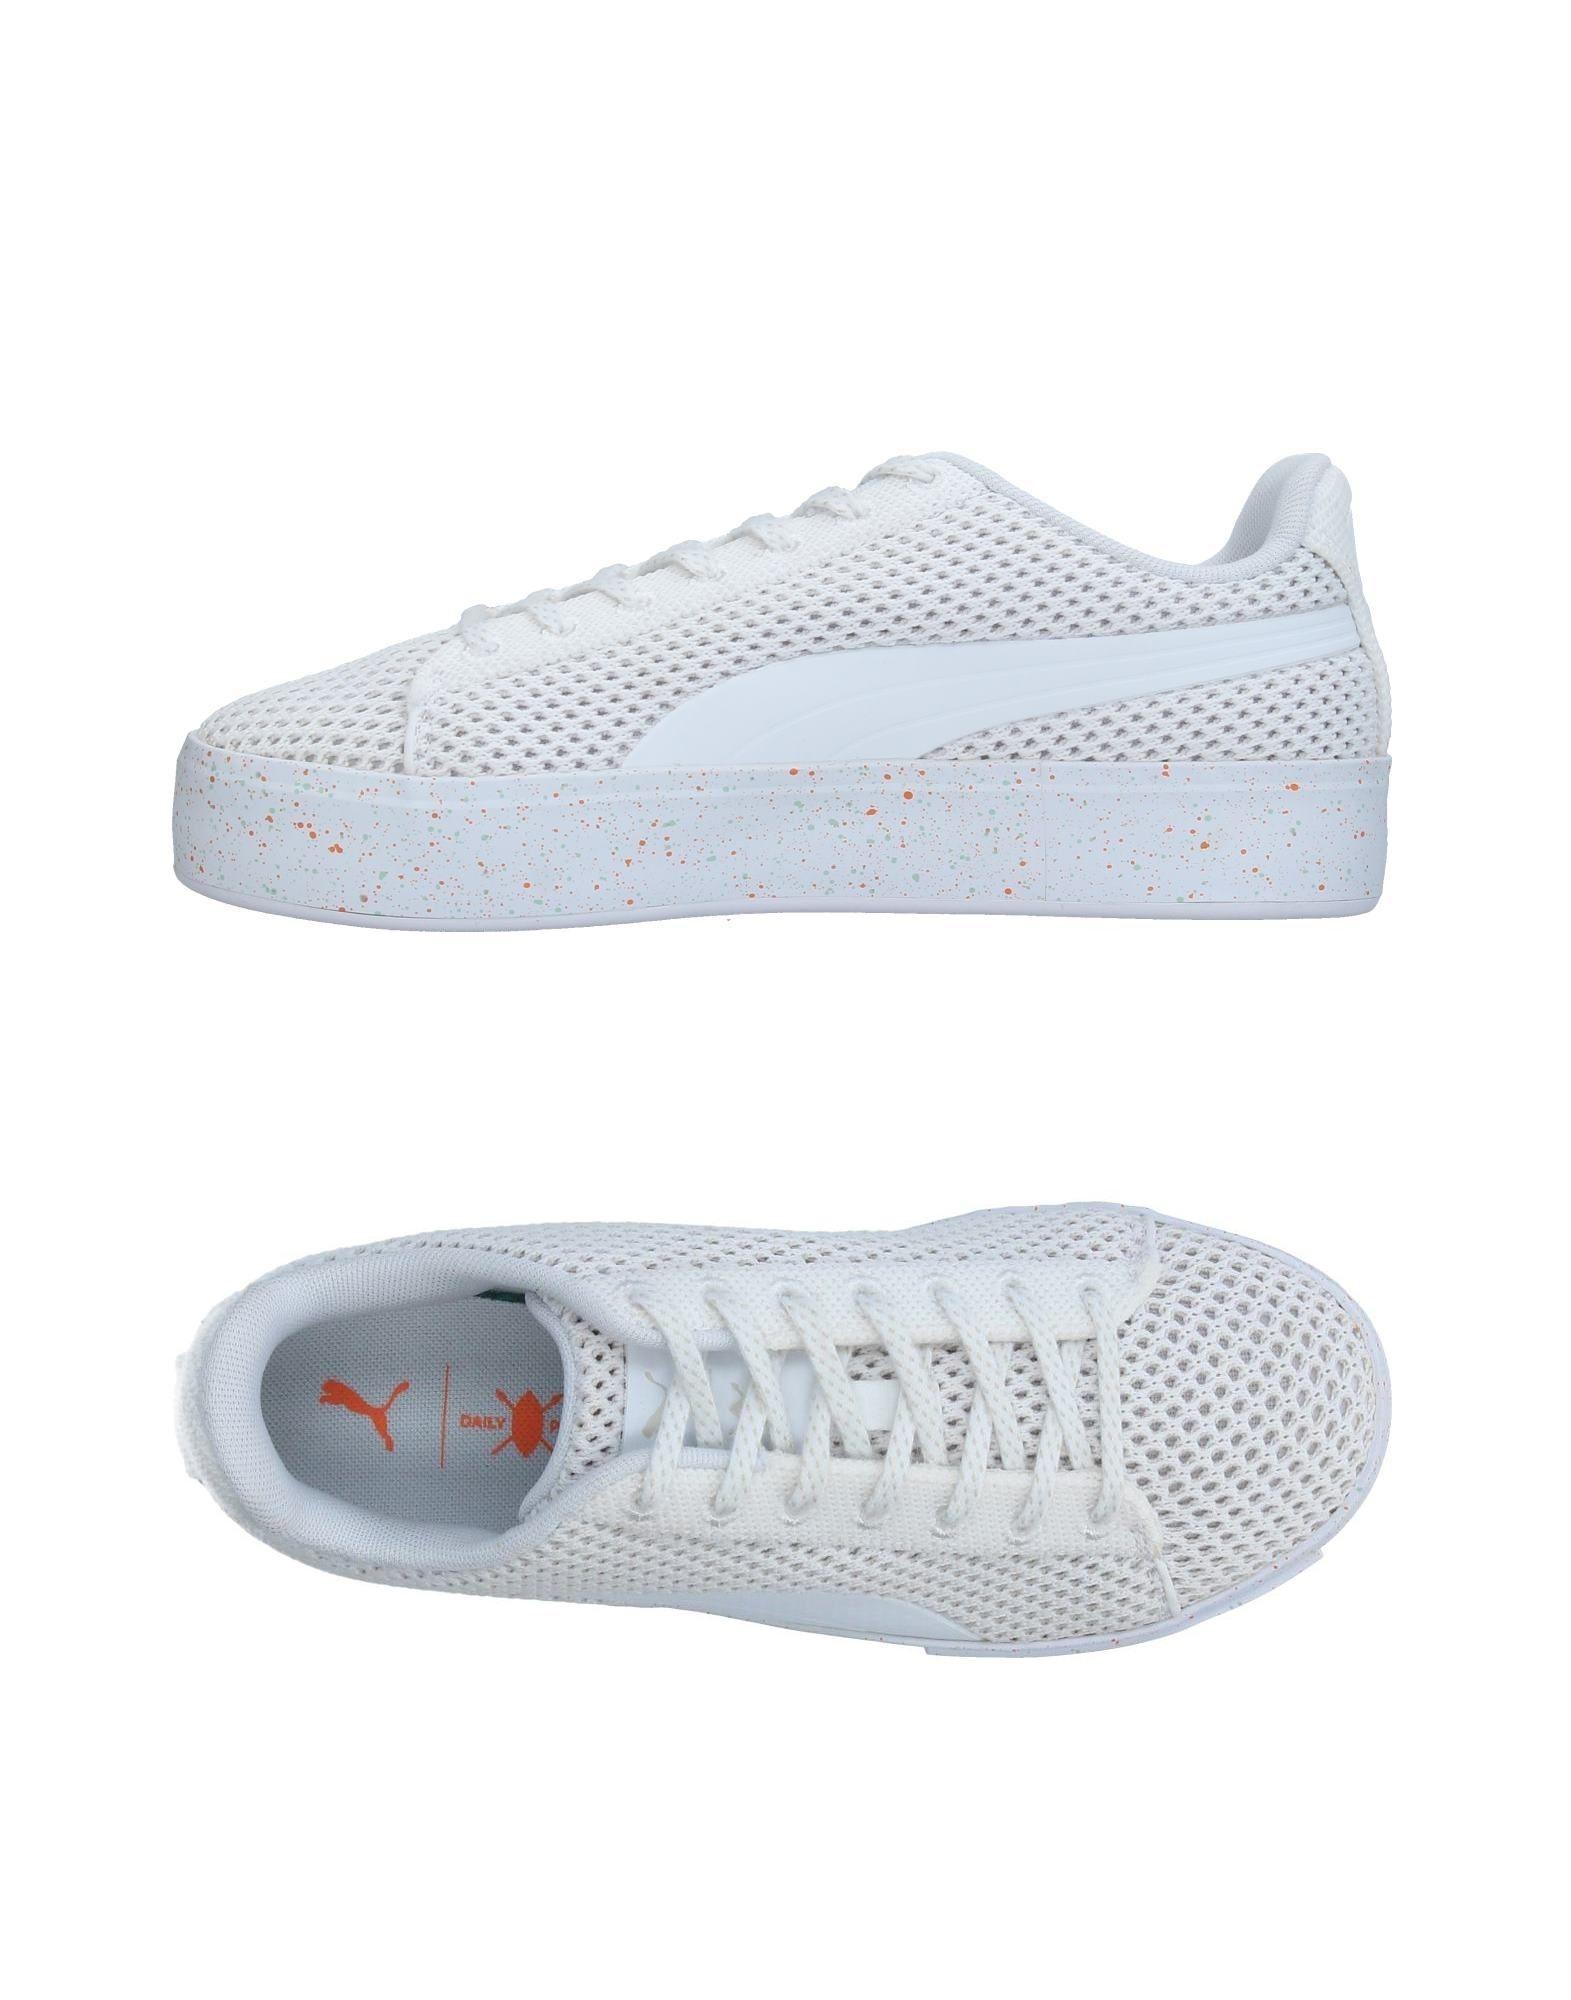 《送料無料》PUMA X DAILY PAPER レディース スニーカー&テニスシューズ(ローカット) ホワイト 4.5 紡績繊維